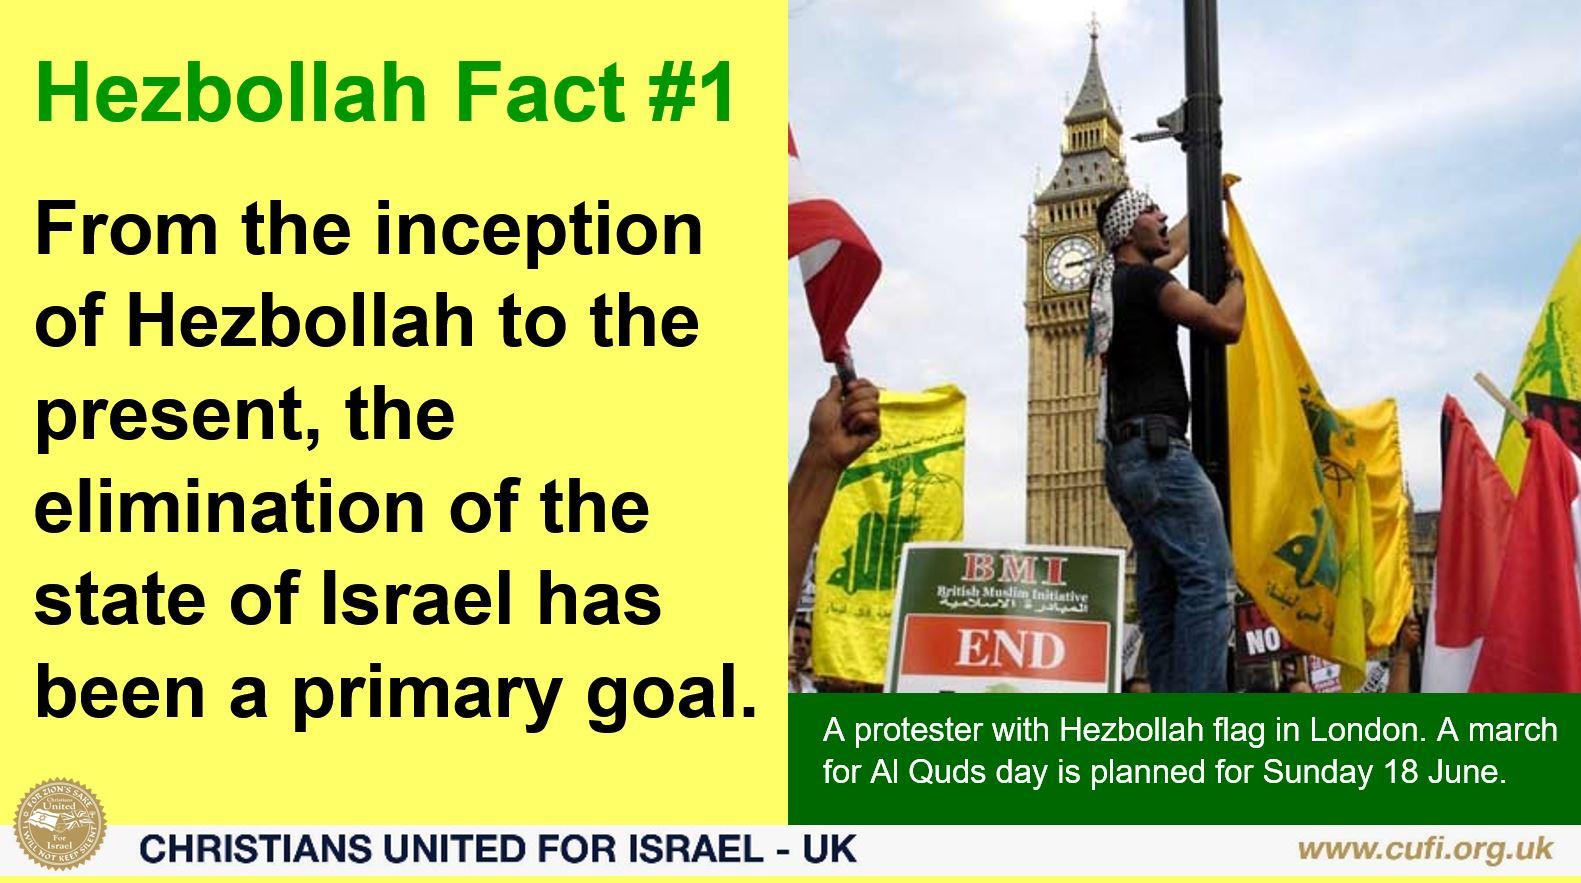 Hezbollah fact #1